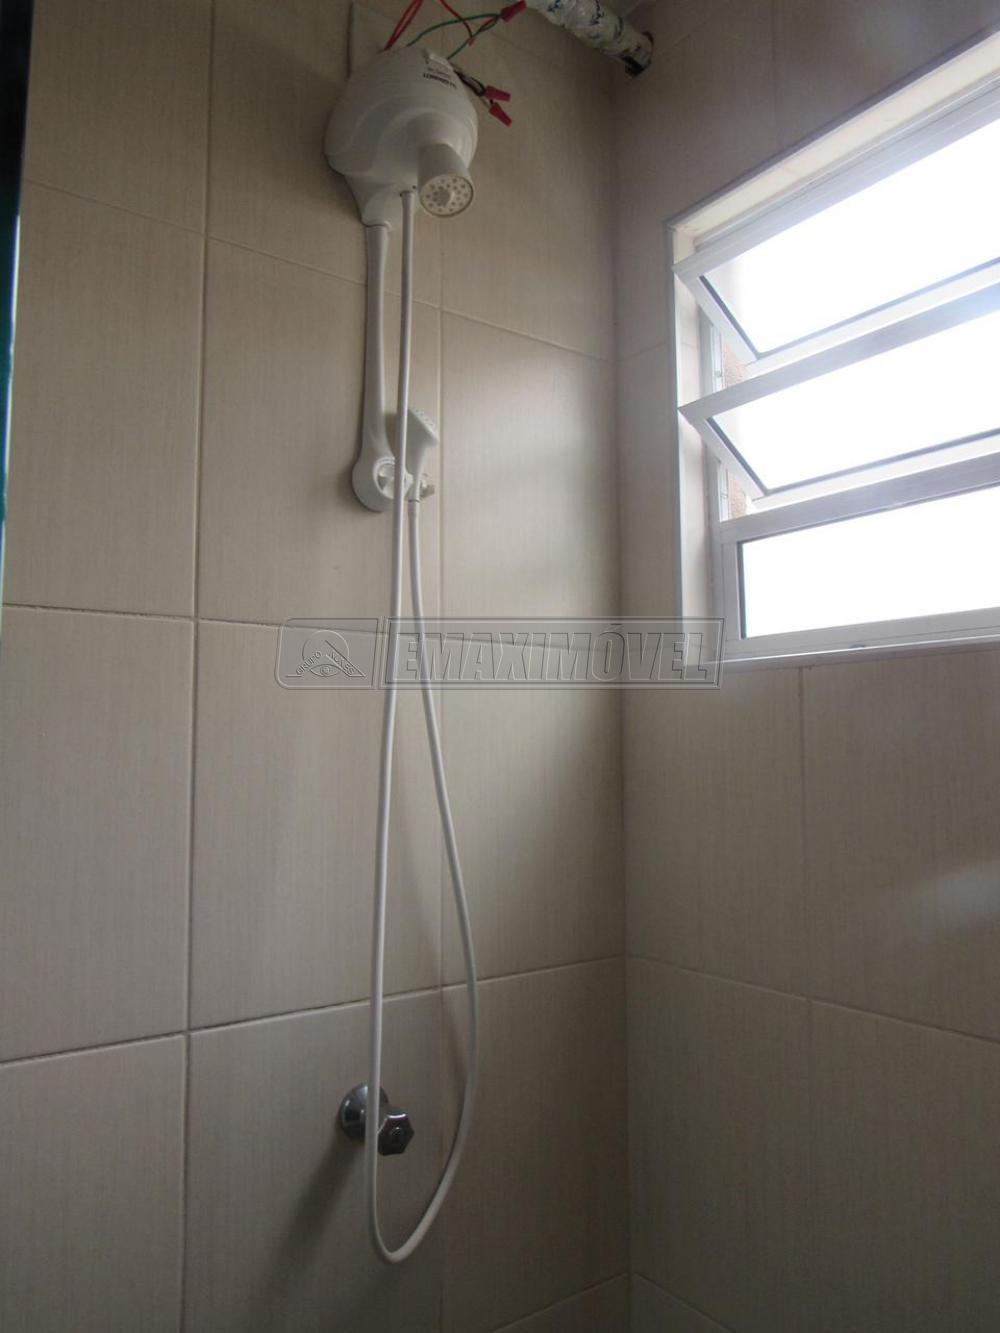 Comprar Apartamento / Padrão em Sorocaba R$ 255.000,00 - Foto 13